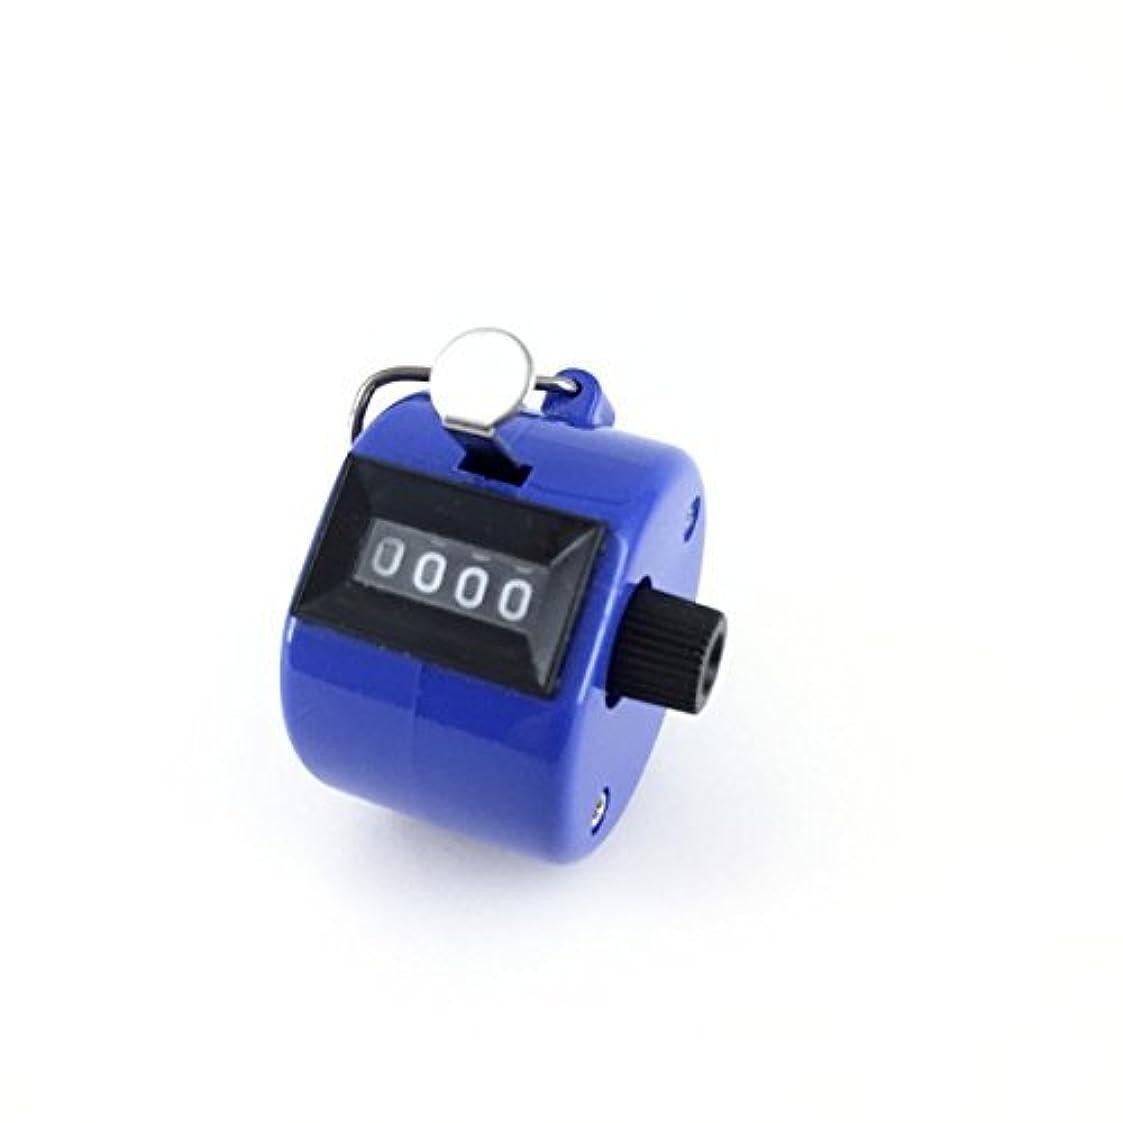 フレームワーク運命骨の折れるエクステカウンター 手持ちホルダー付き 数取器 まつげエクステ用品 カラー4色 (ブルー)